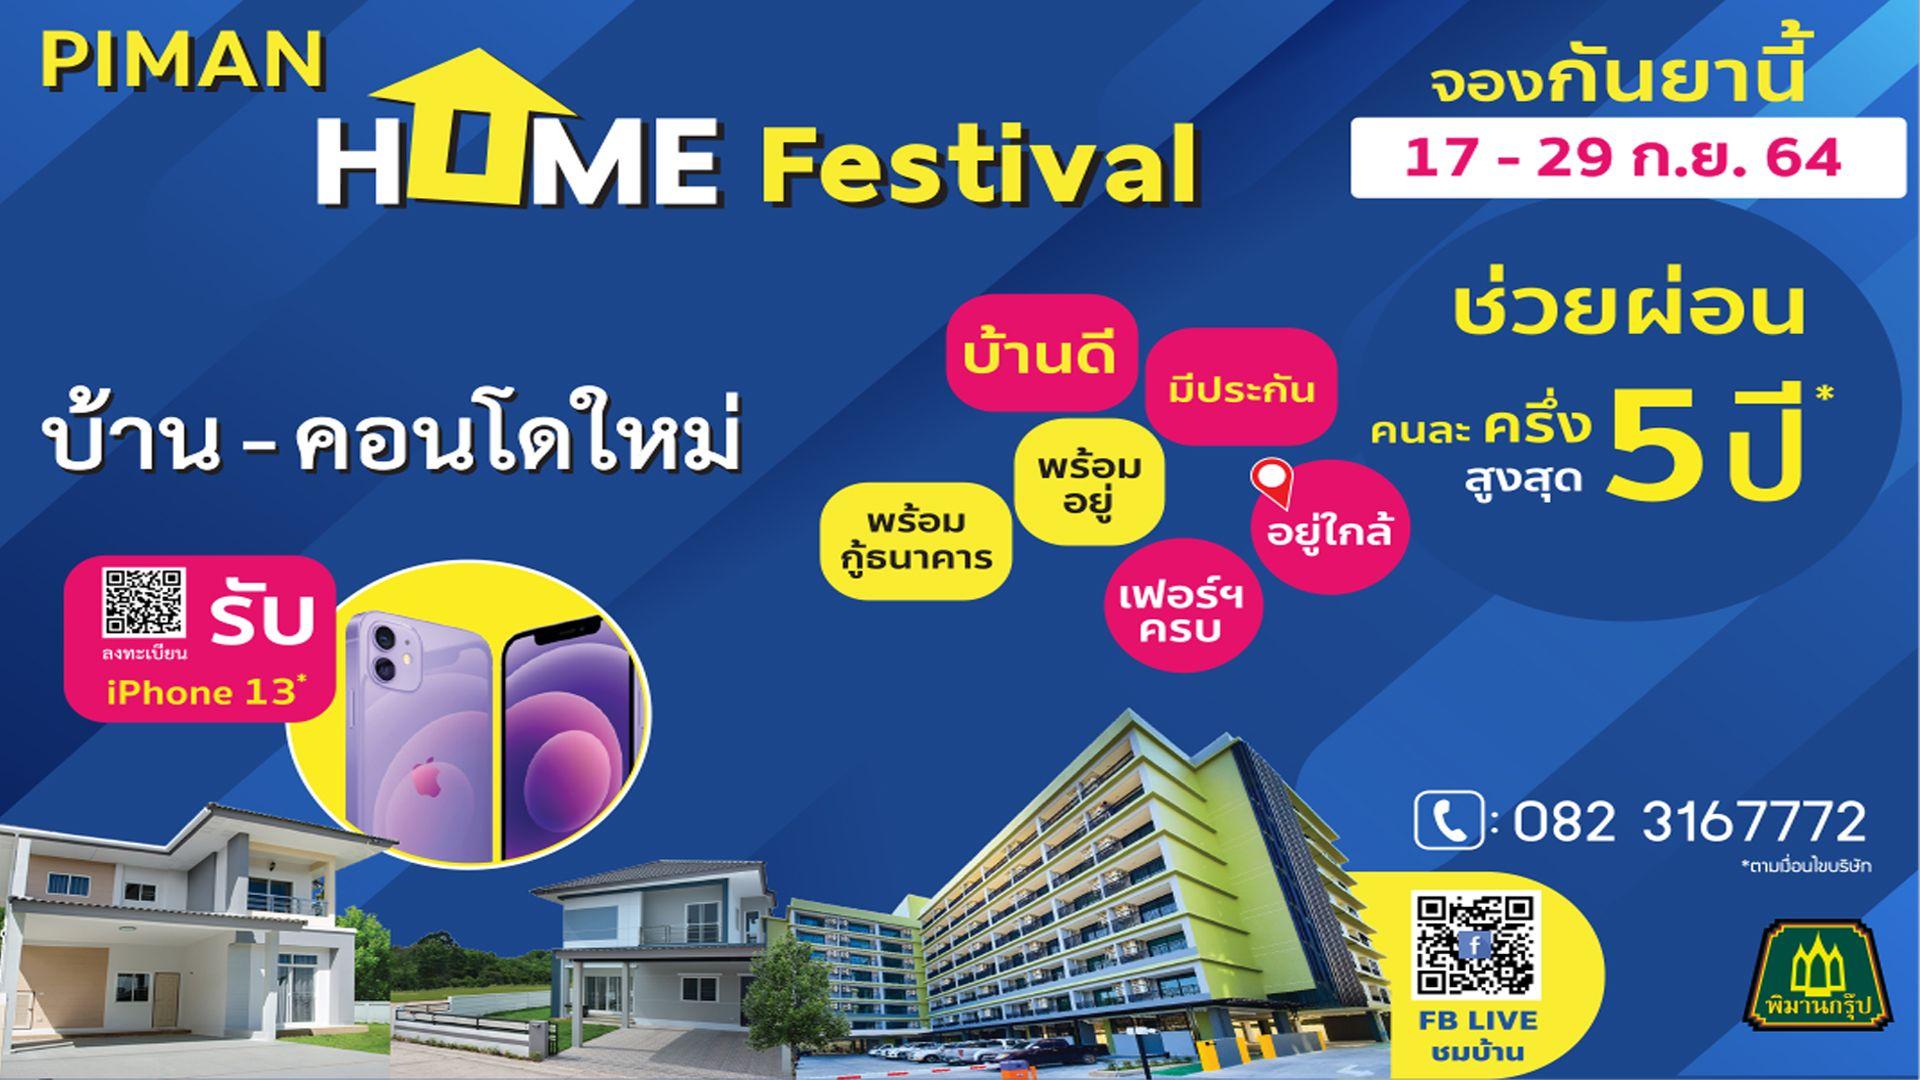 Piman Home Festival 17-29 ก.ย. 2021 บ้านขอนแก่นพร้อมอยู่